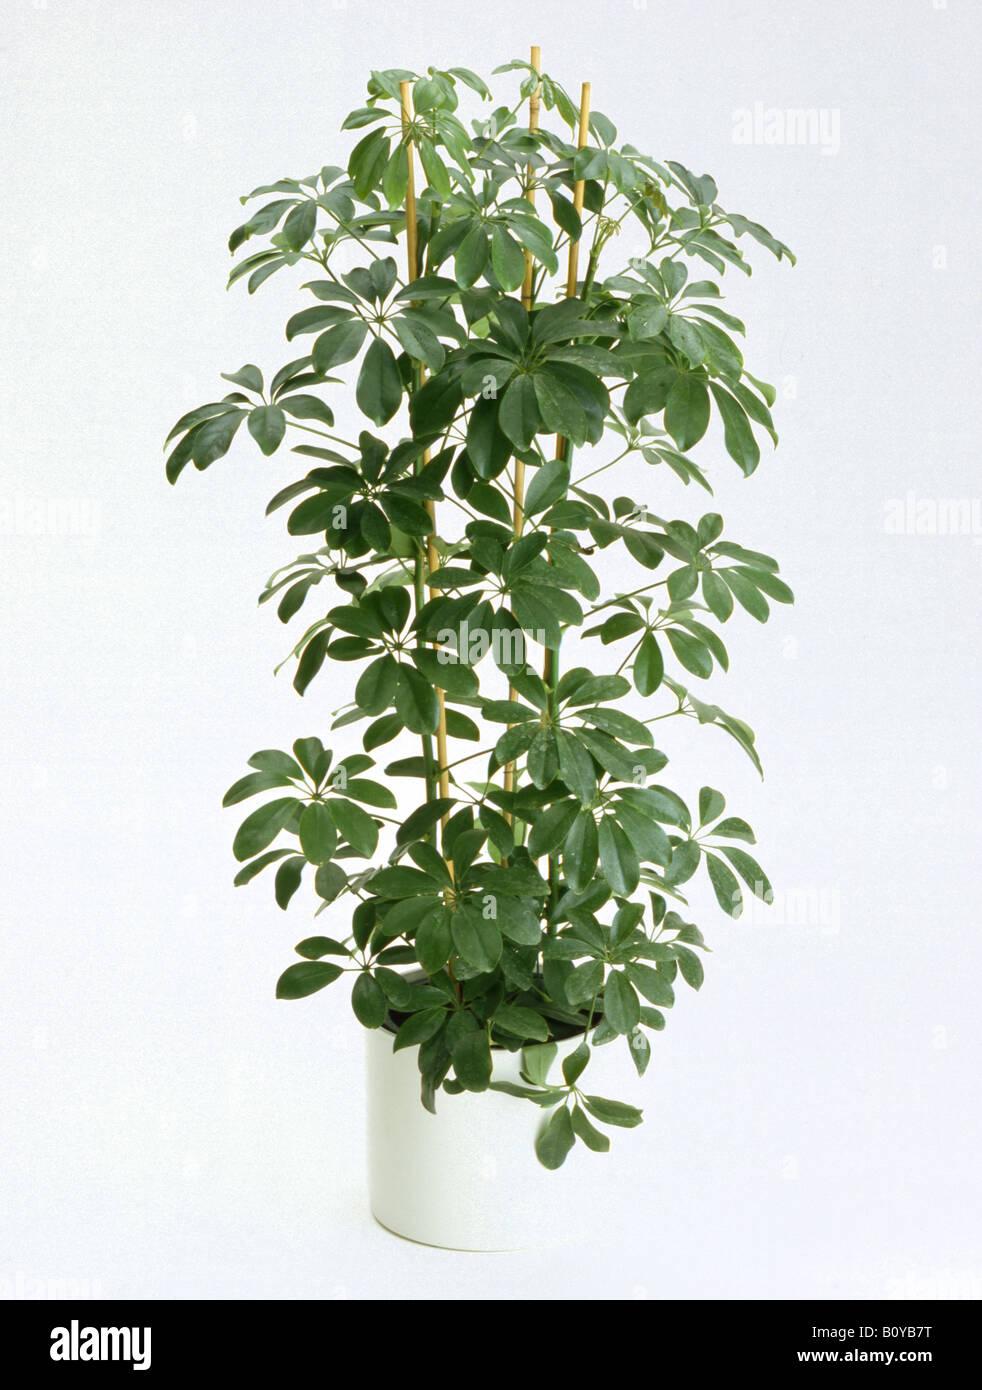 Dwarf Schefflera (Schefflera Arboricola), Potted Plant